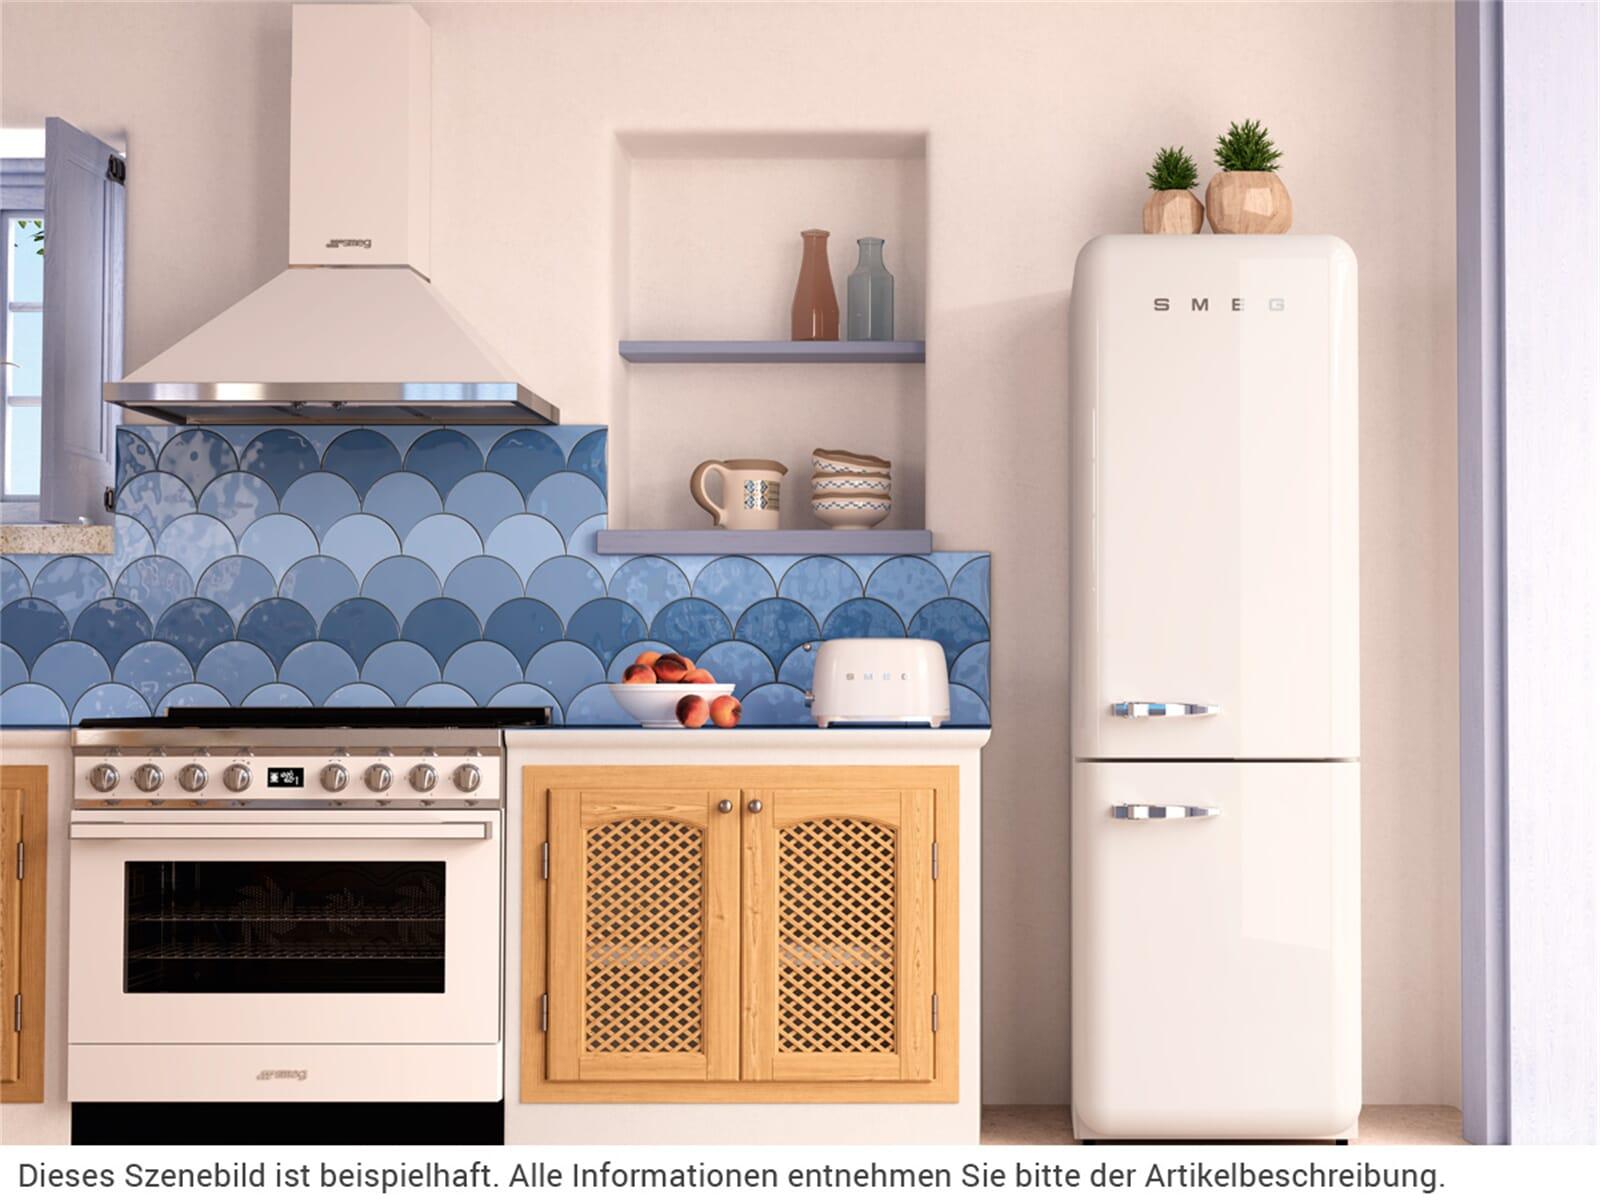 Smeg Kühlschrank Pastelgrün : Smeg tsf wheu scheiben toaster weiß